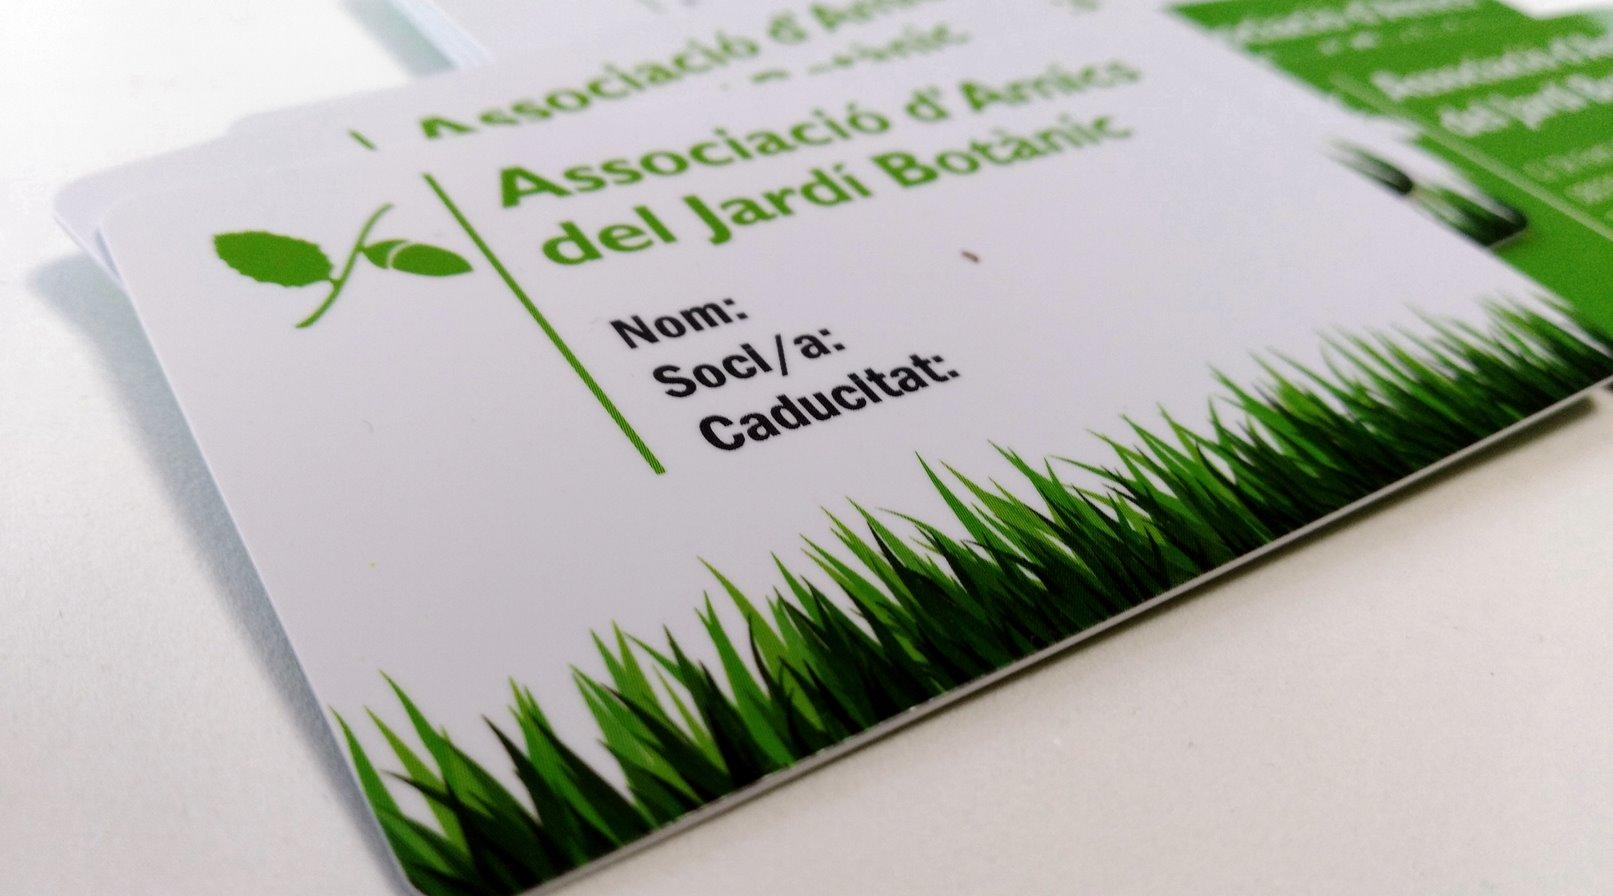 Carnet de socio para asociaciones botanicas